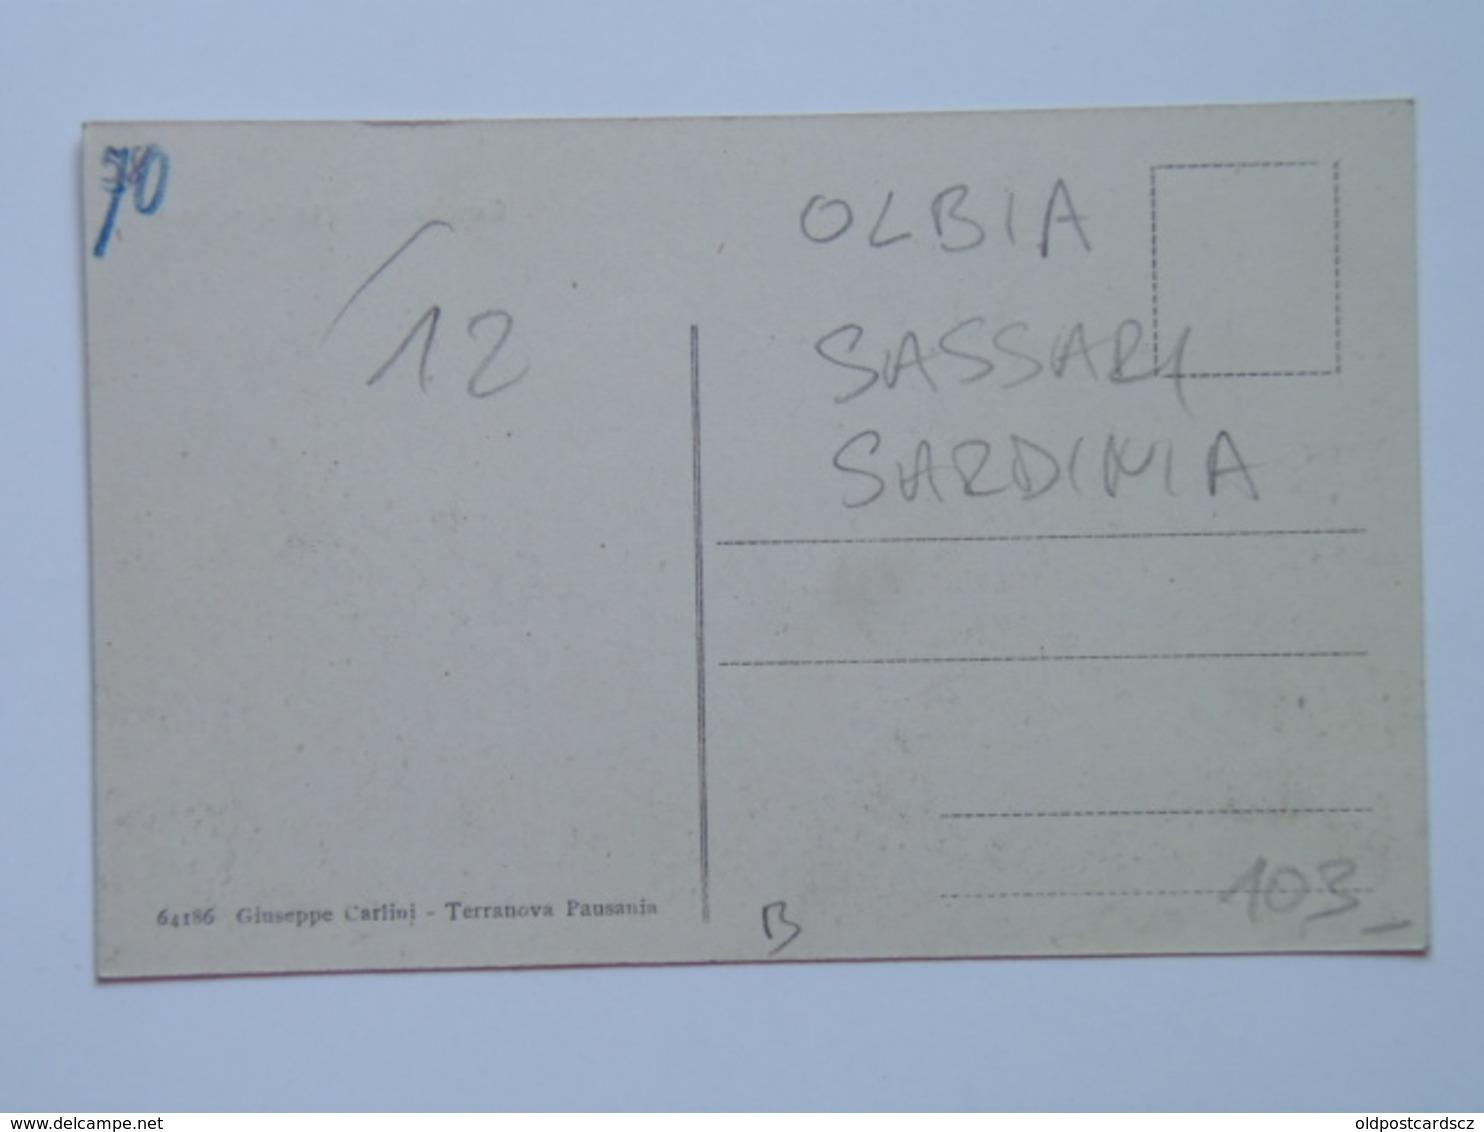 Olbioa 103 Terranuova Pausania - Olbia